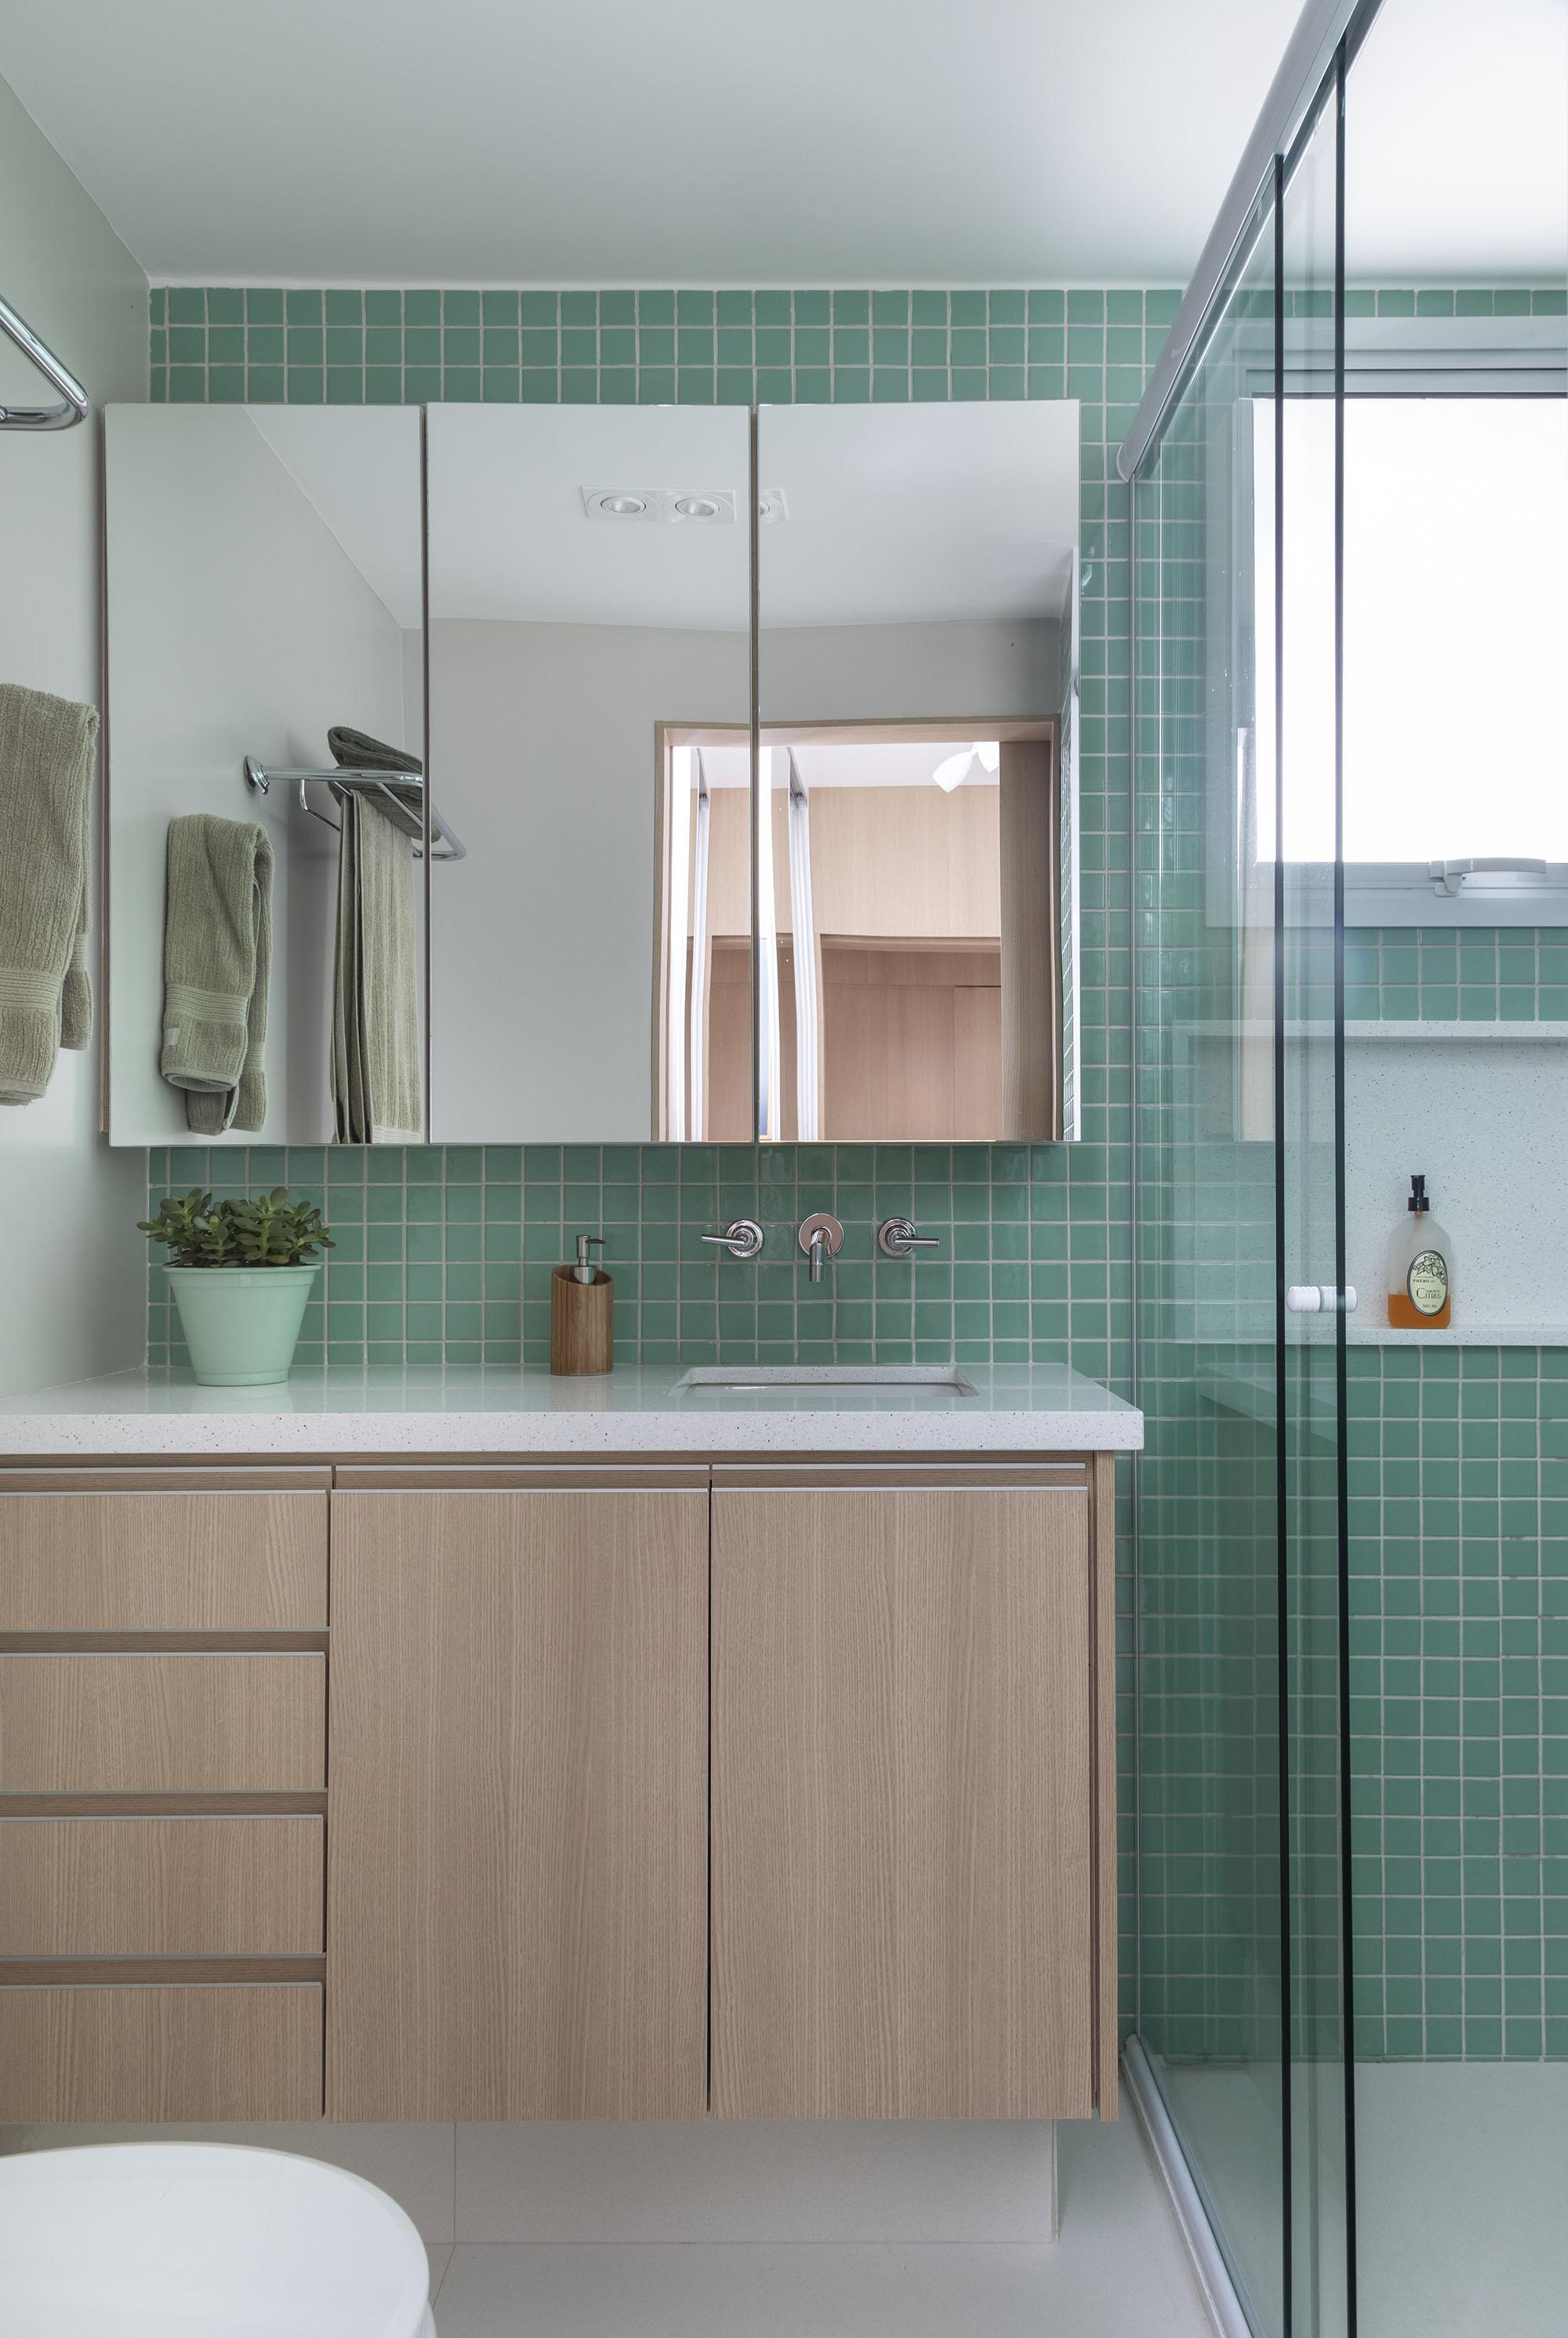 A marcenaria do gabinete da pia permite o armazenamento de diversos itens em suas gavetas e armários. O espelho também é versátil, com portas que oferecem espaço para os itens pessoais.